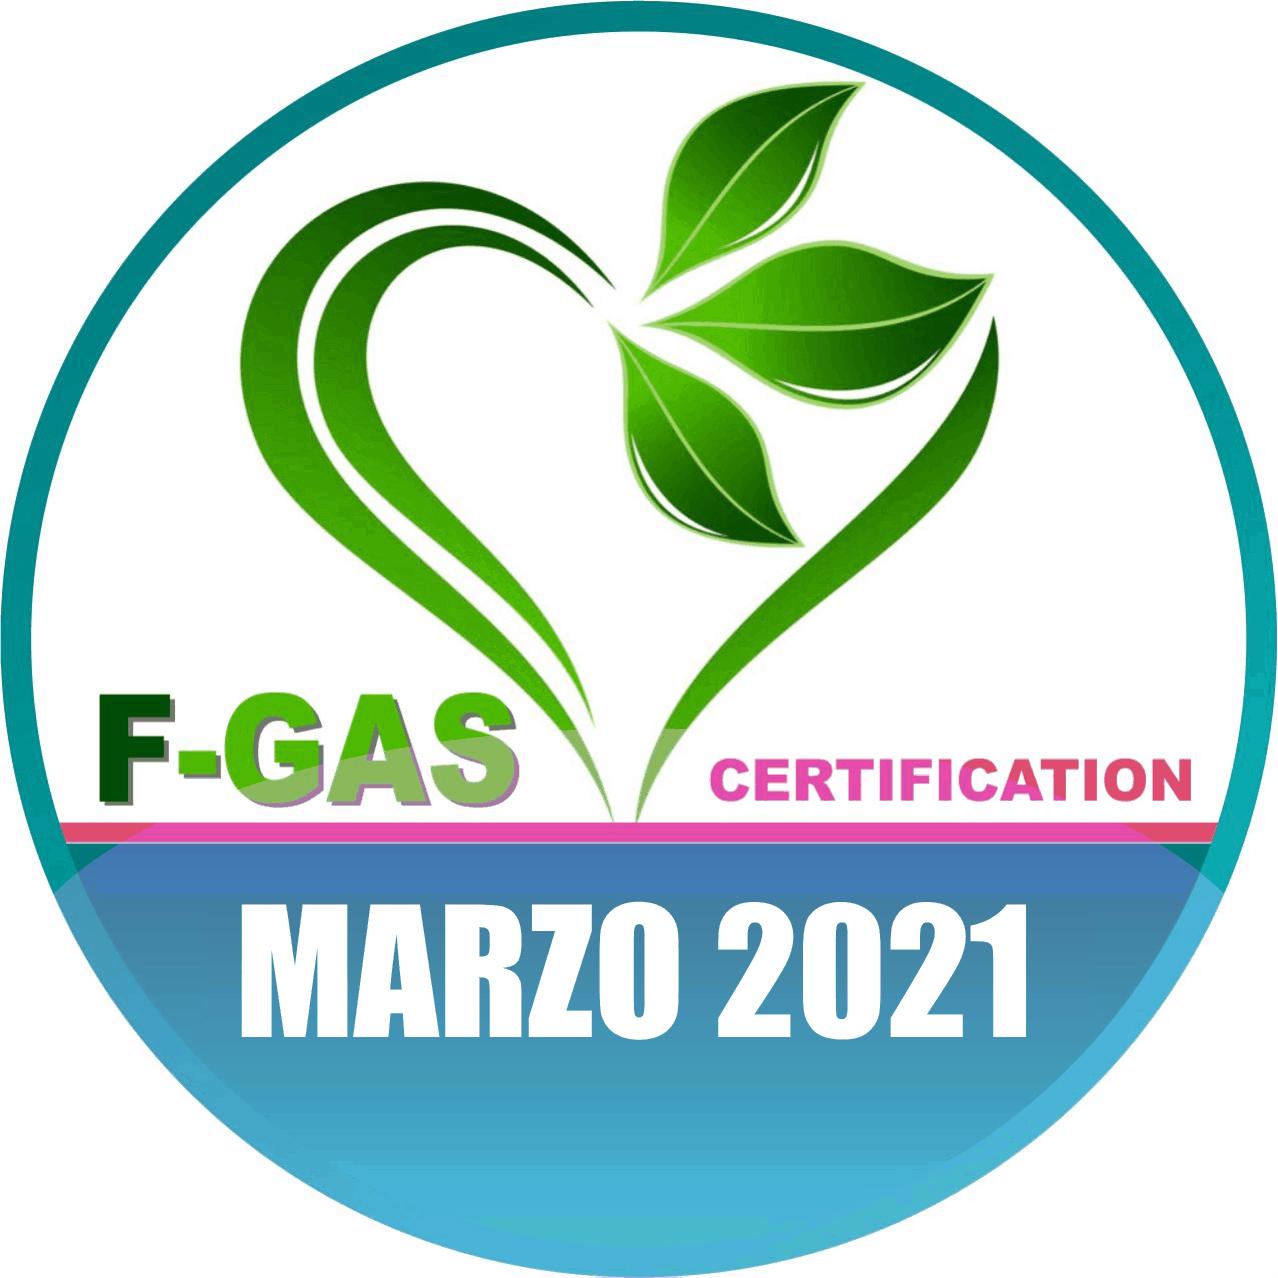 Il patentino F-GAS di Marzo | Elettrogruppo ZeroUno | Beinasco | TO | CORSO F-GAS MARZO 2021